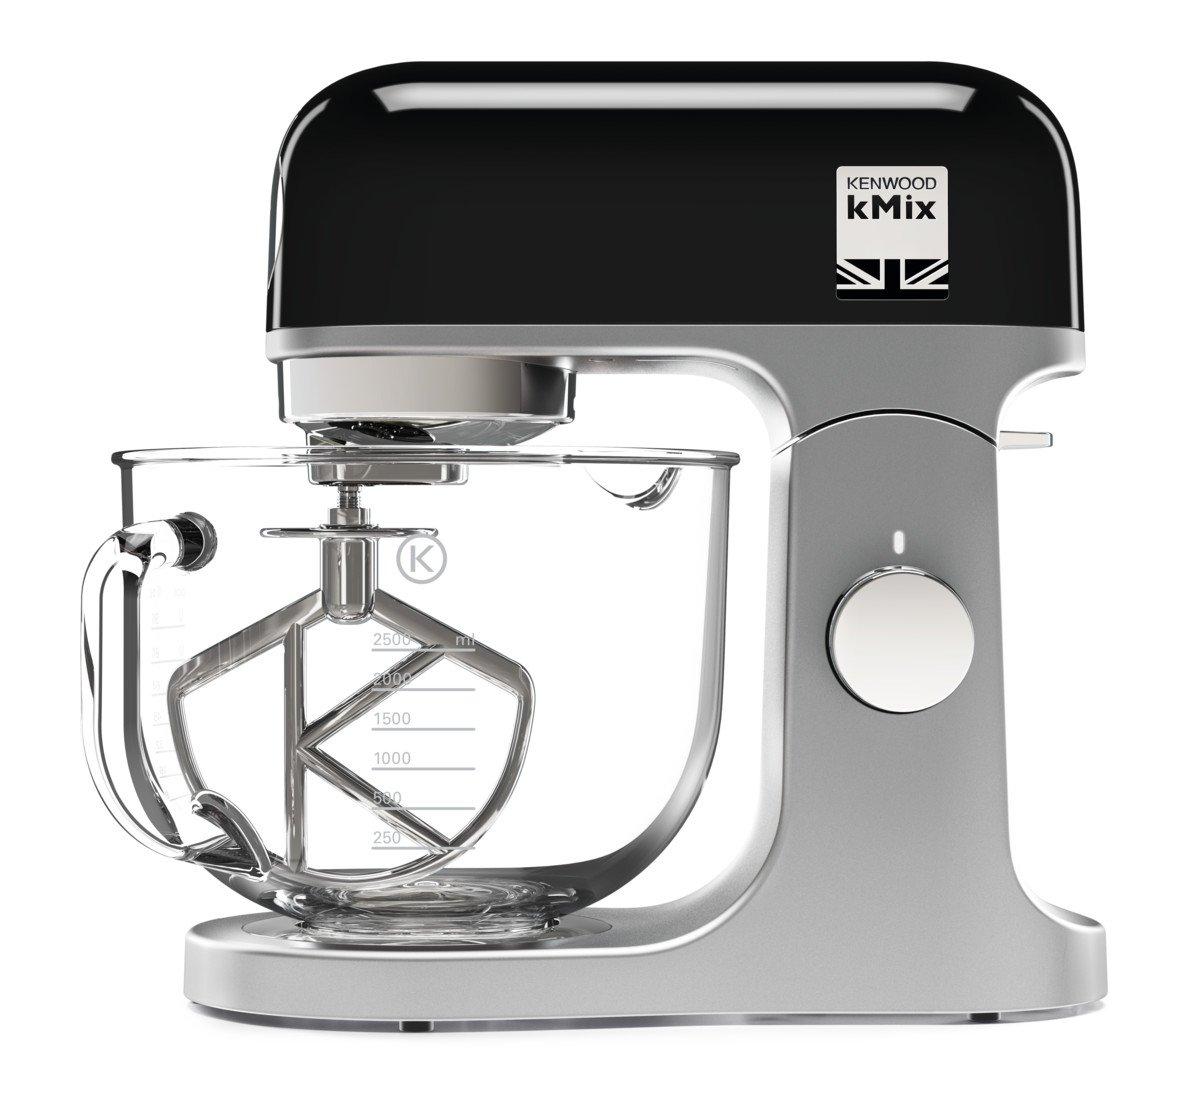 kenwood kmix stand mixer review